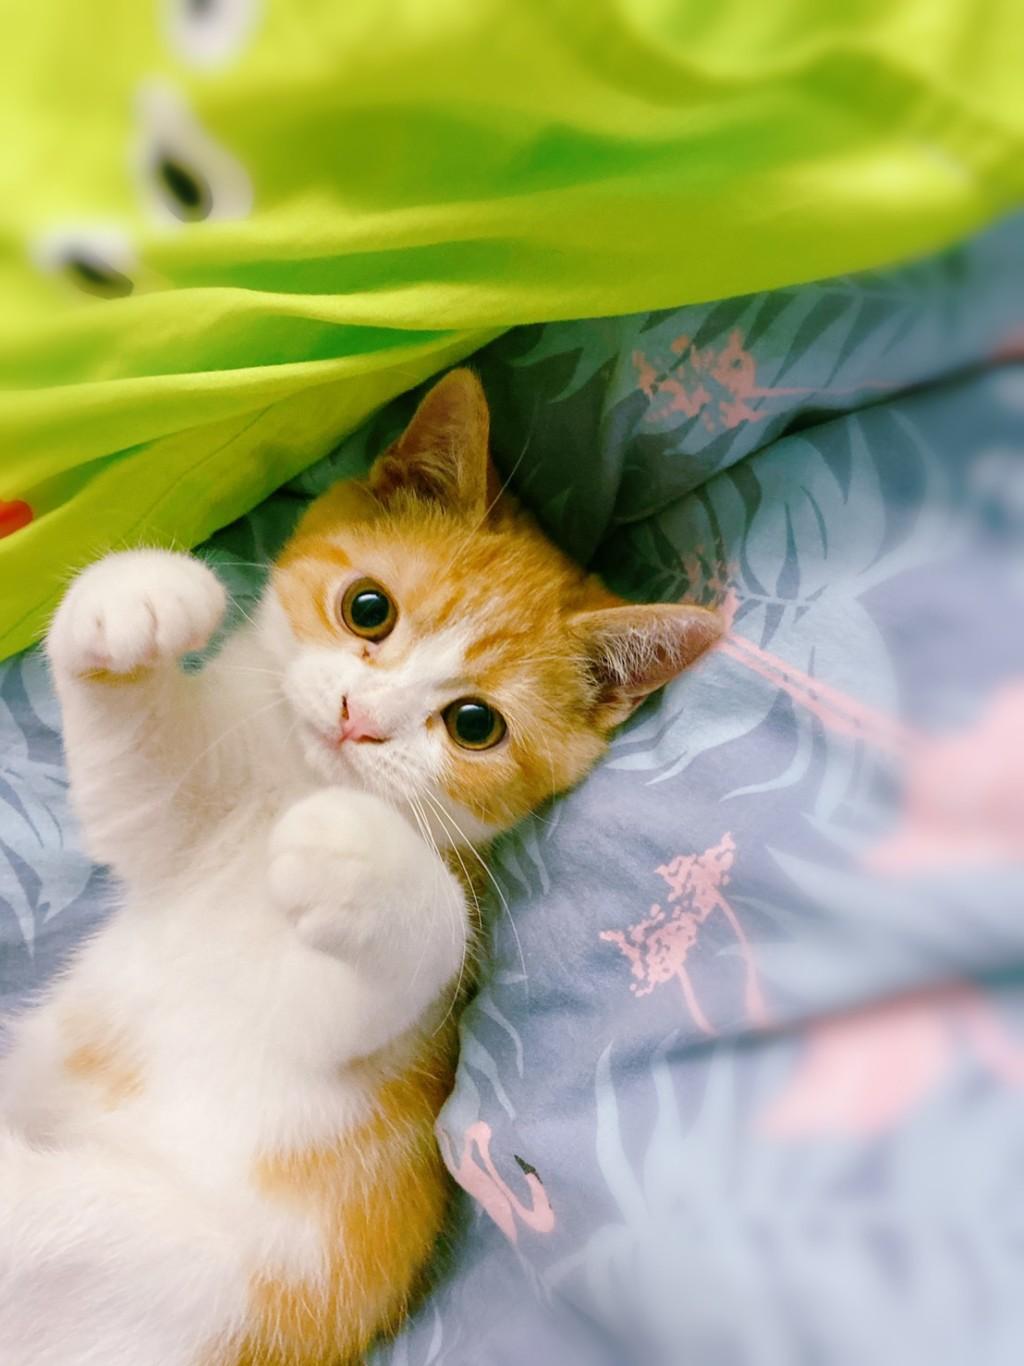 貓奴必玩!超Q手遊體驗「情侶養貓日常」情節超寫實 剪指甲是最大難關